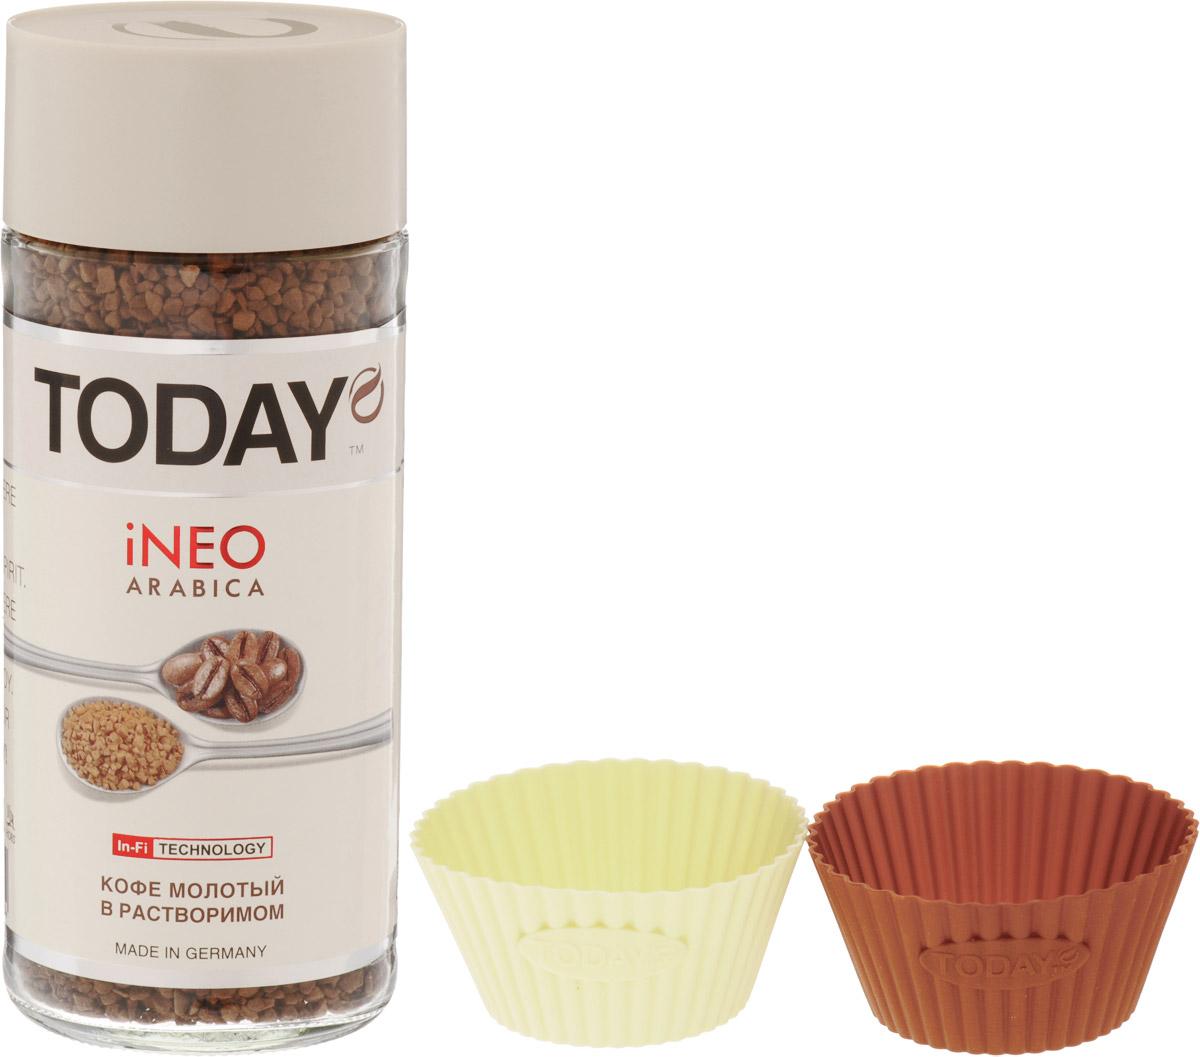 Today In-Fi кофе растворимый, 95 г + набор для выпечки 5060300570134